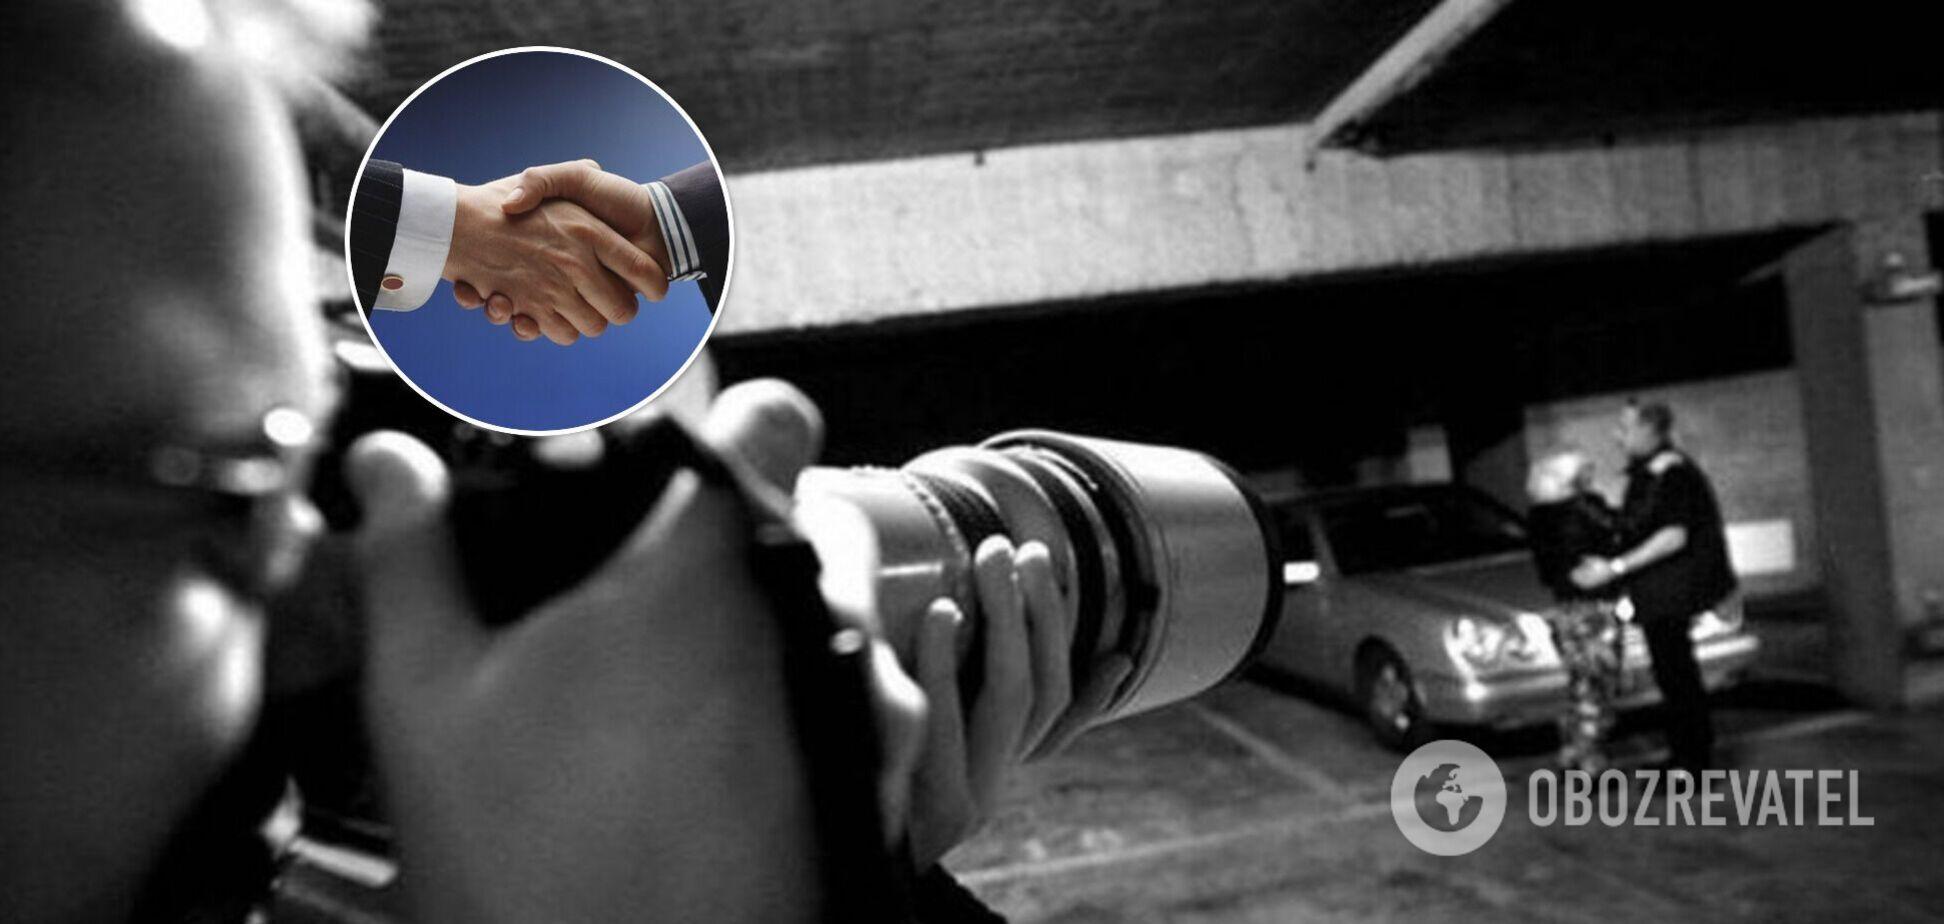 У Раді вирішили легалізувати ринок приватних детективів: що дозволять і хто під прицілом